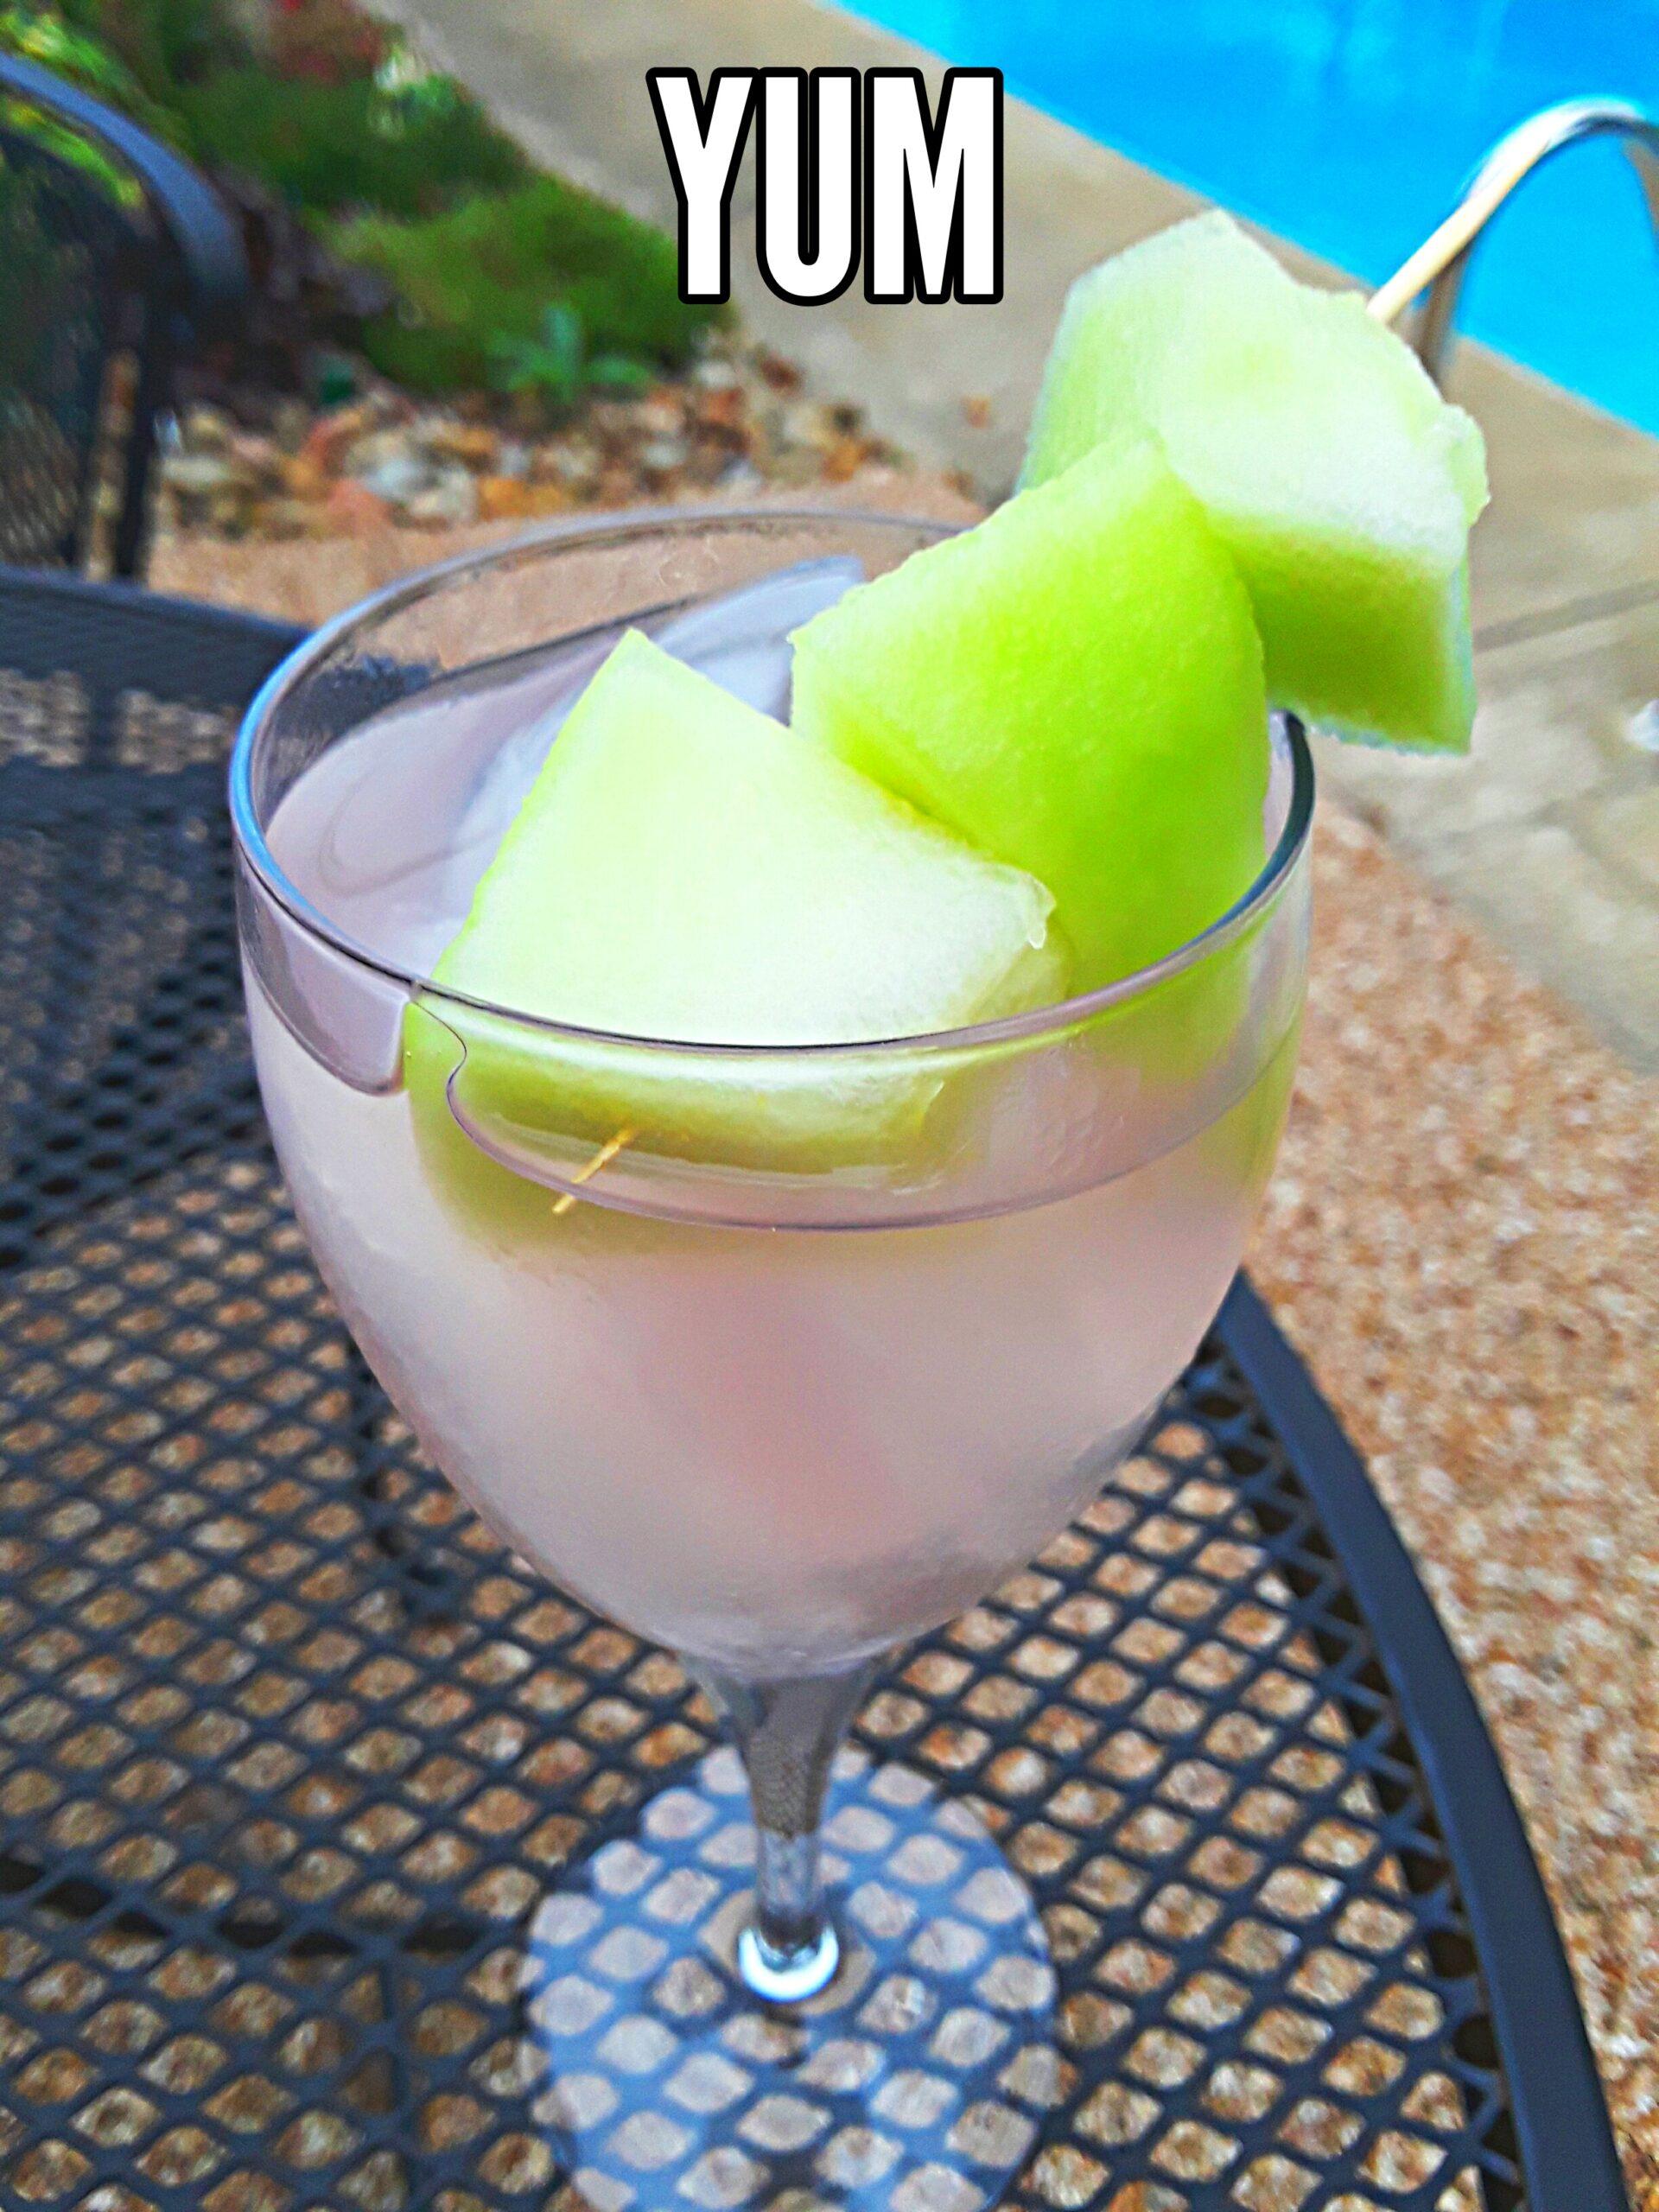 Honey Deuce craft cocktail is served poolside